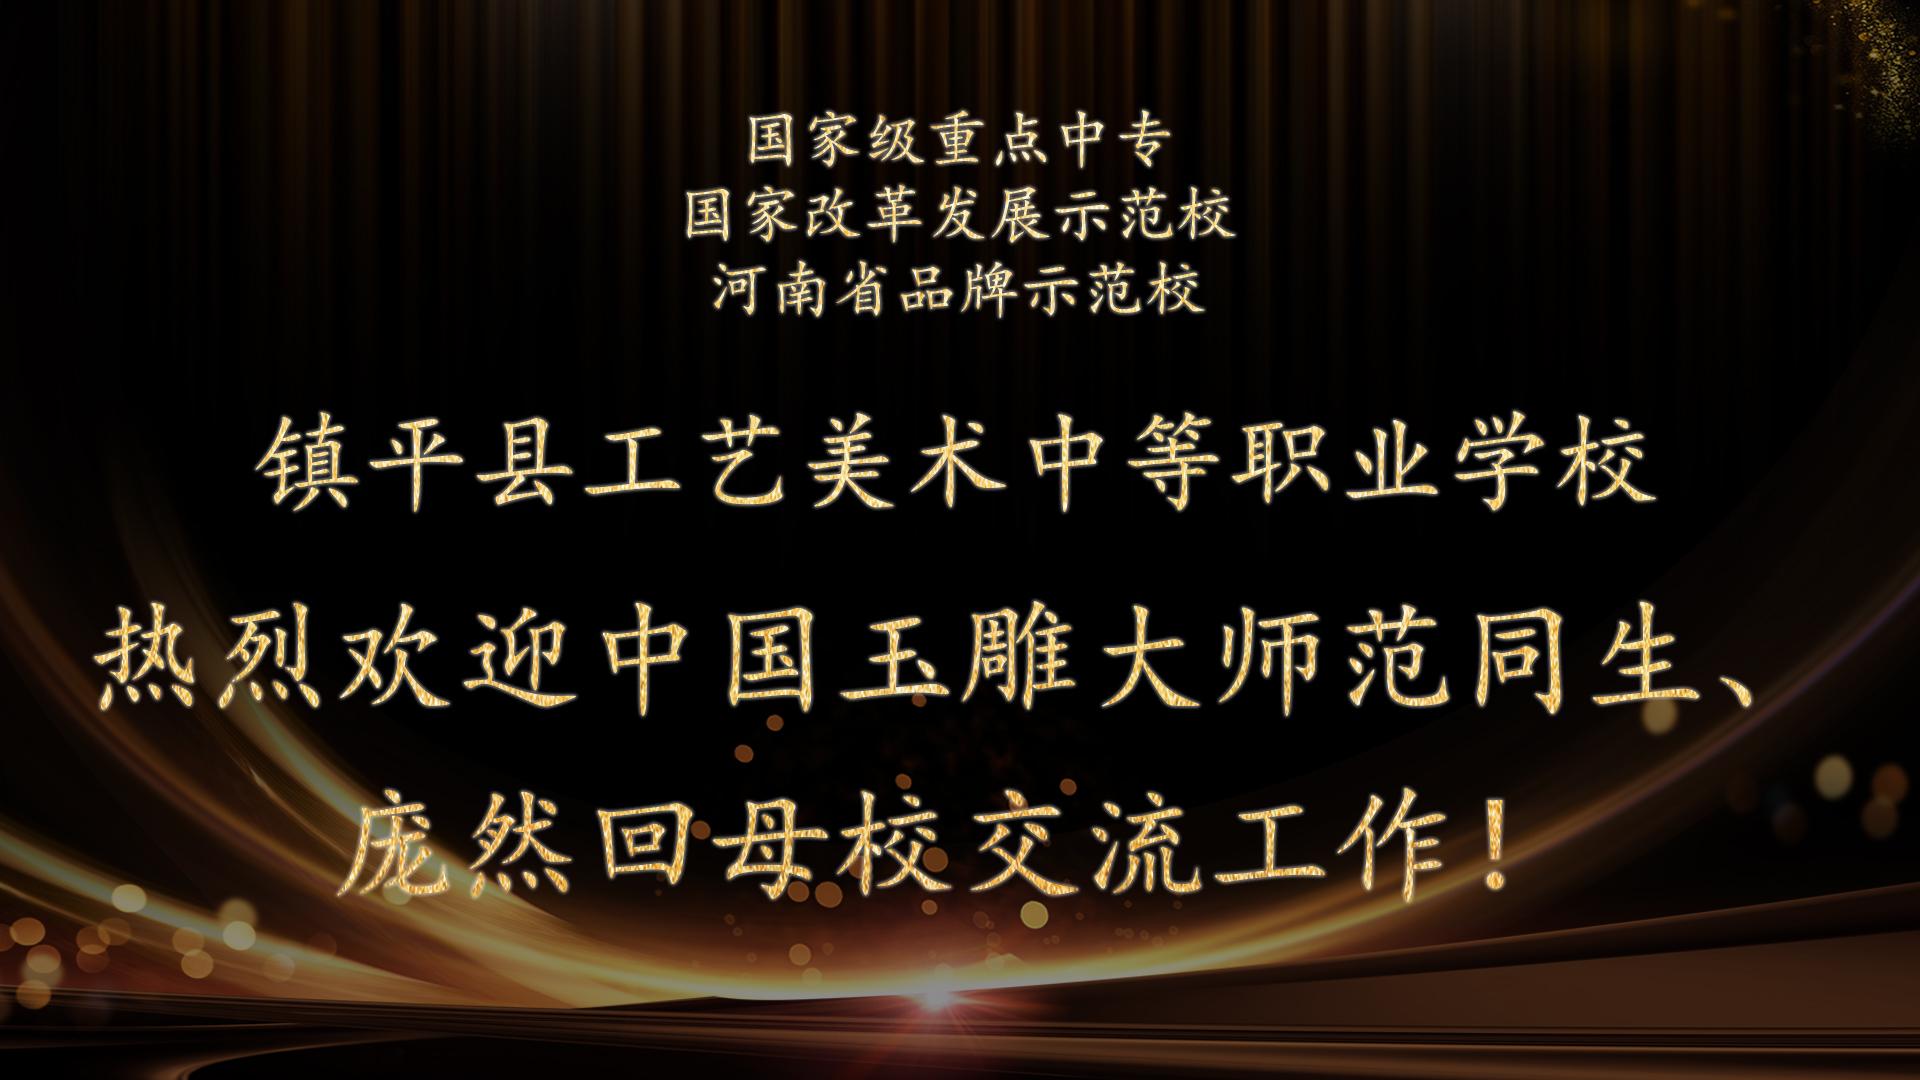 心系母校,情滿校園――中國玉石雕鏤巨匠范同生、龐然回母校交換